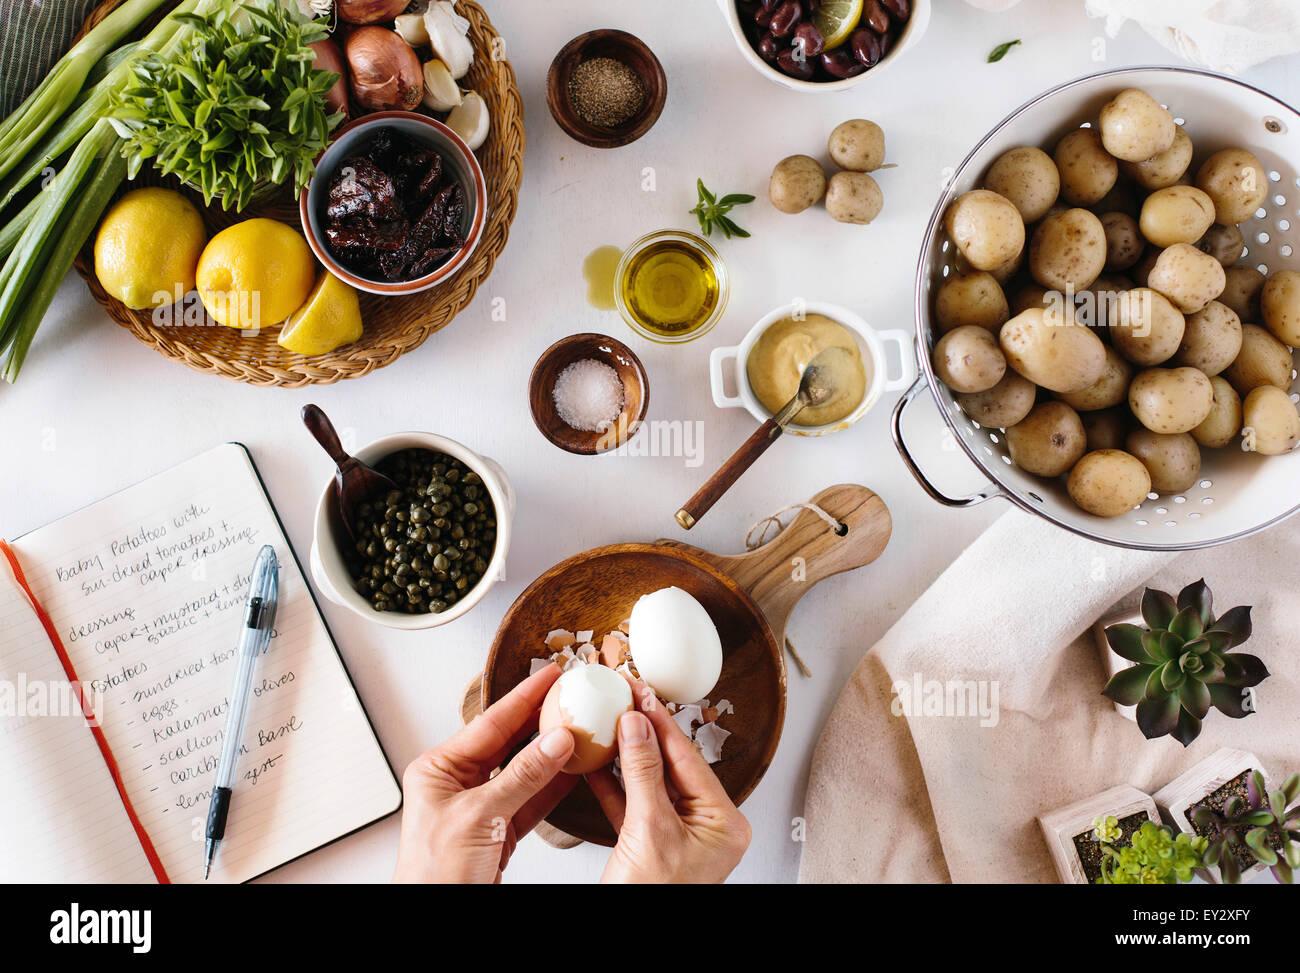 Eine Person schält Eiern für ein Baby-Kartoffelsalat Stockbild